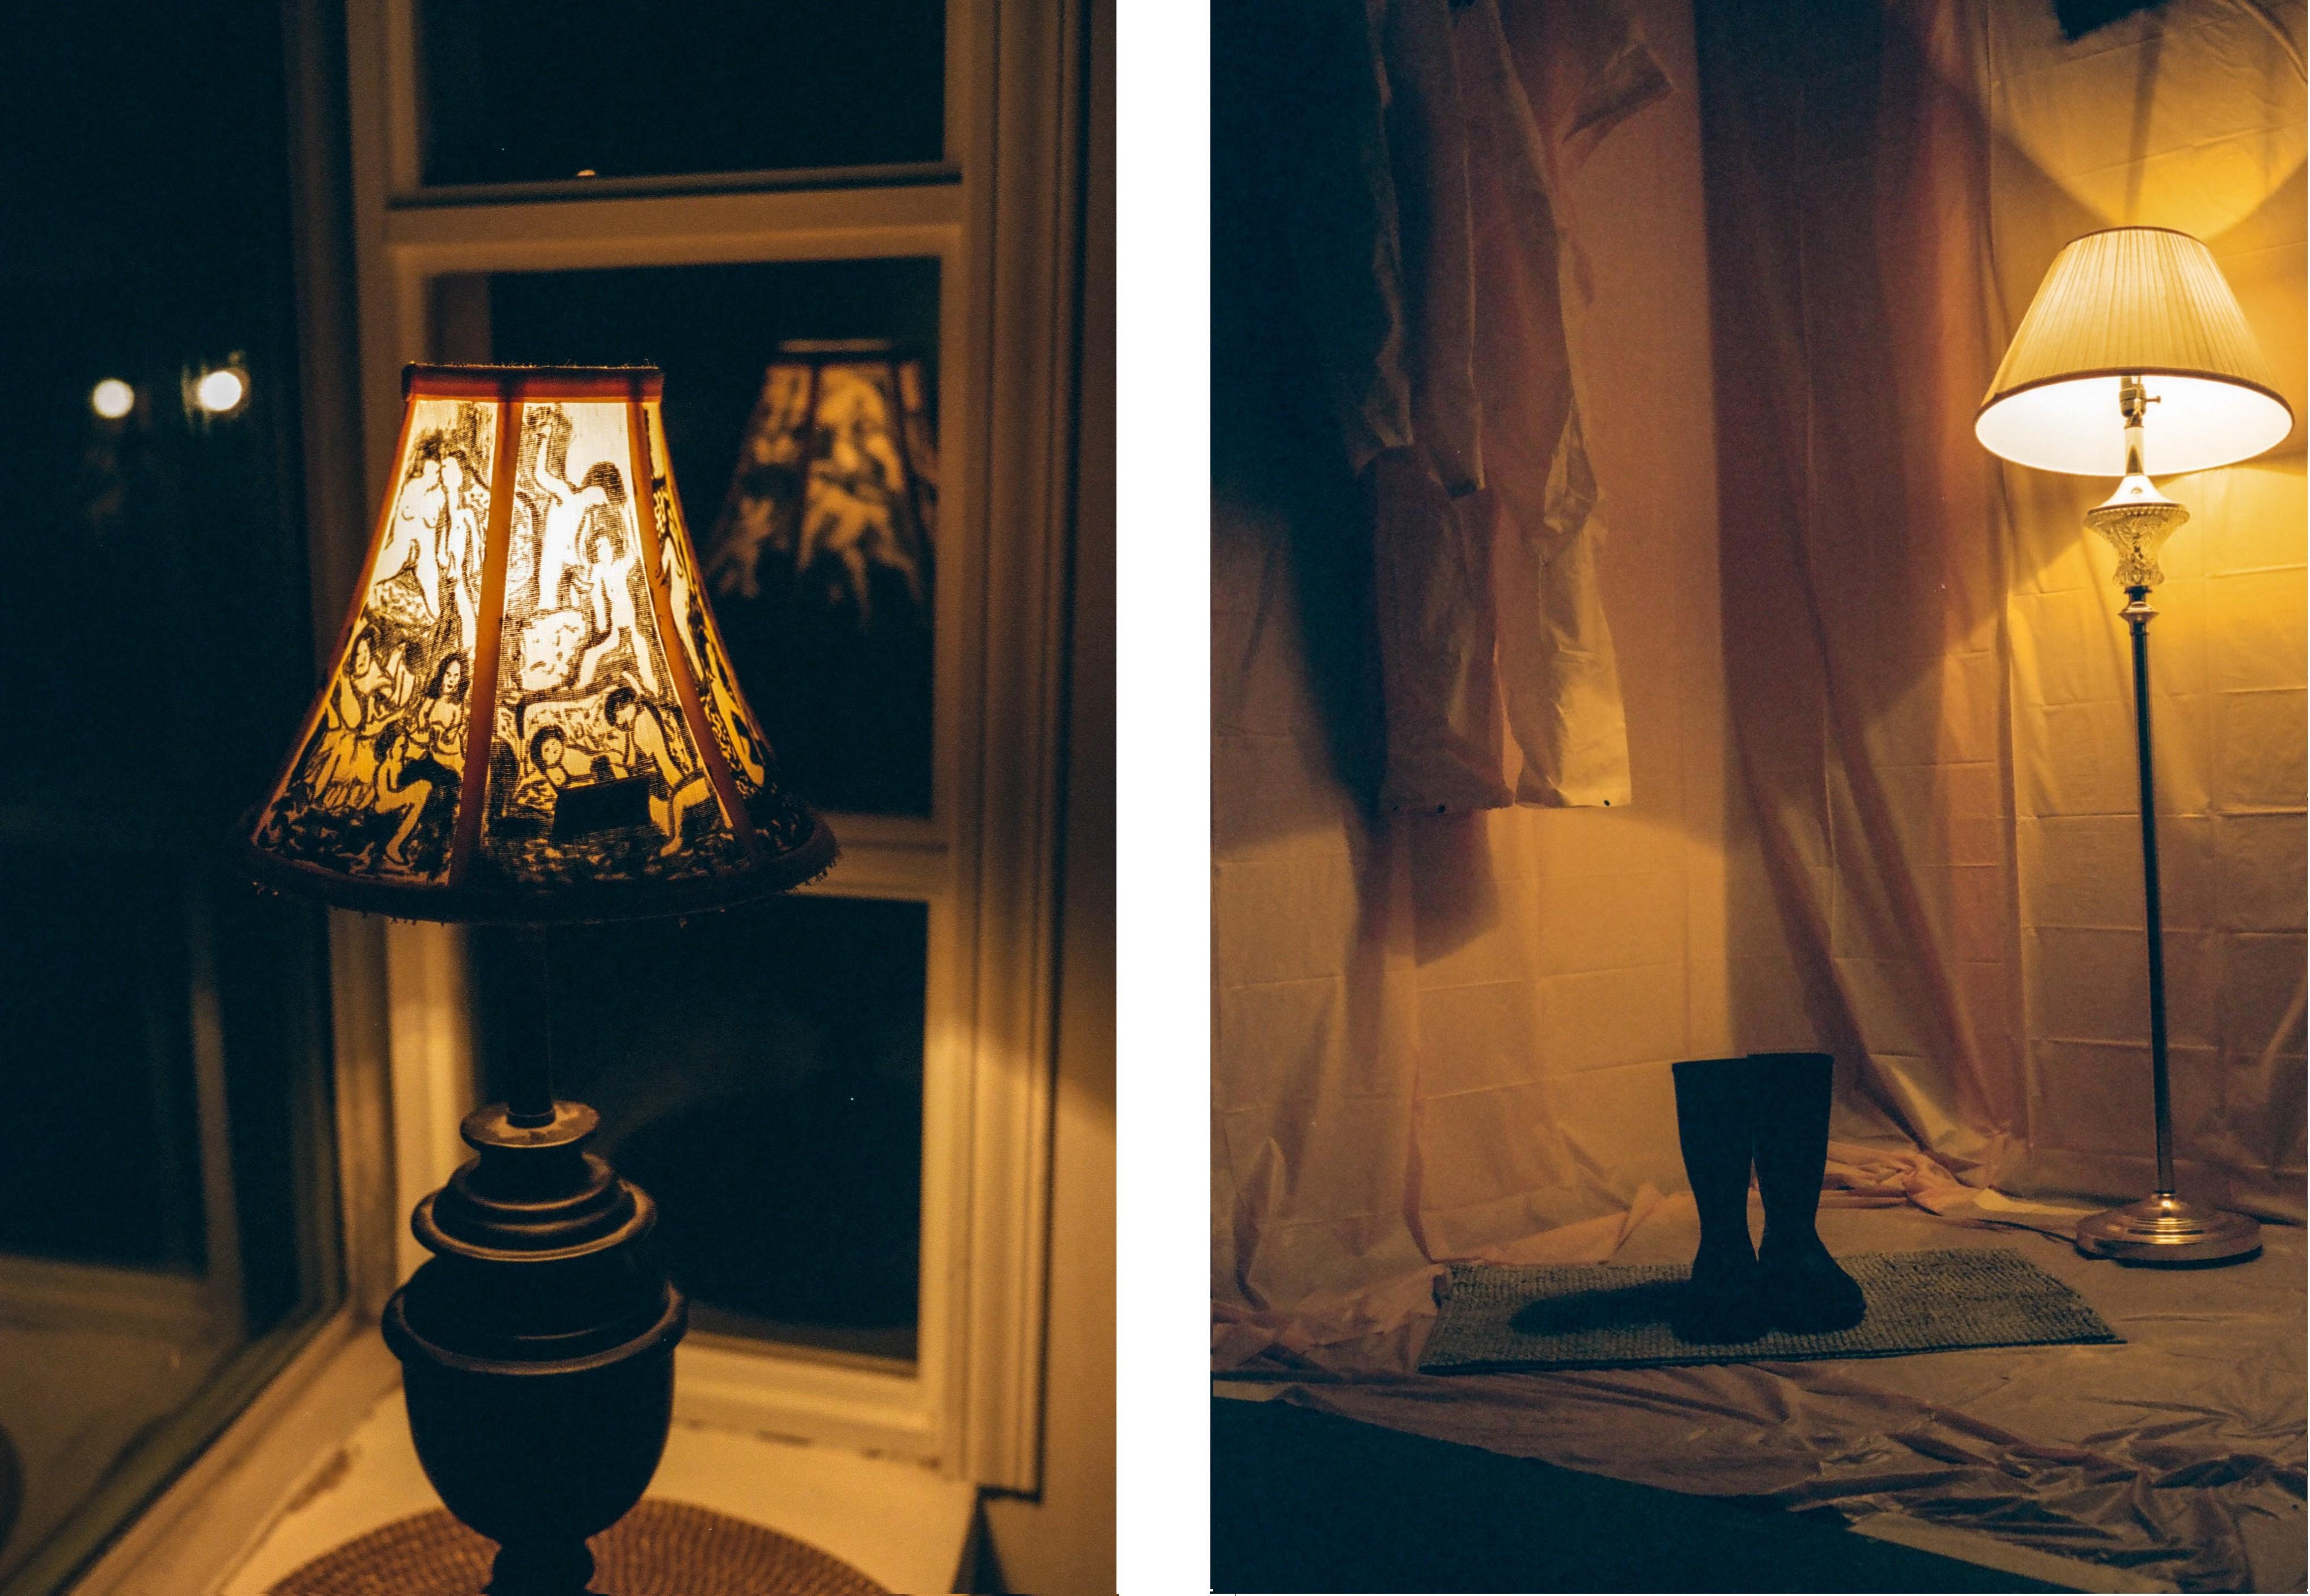 lamp art show